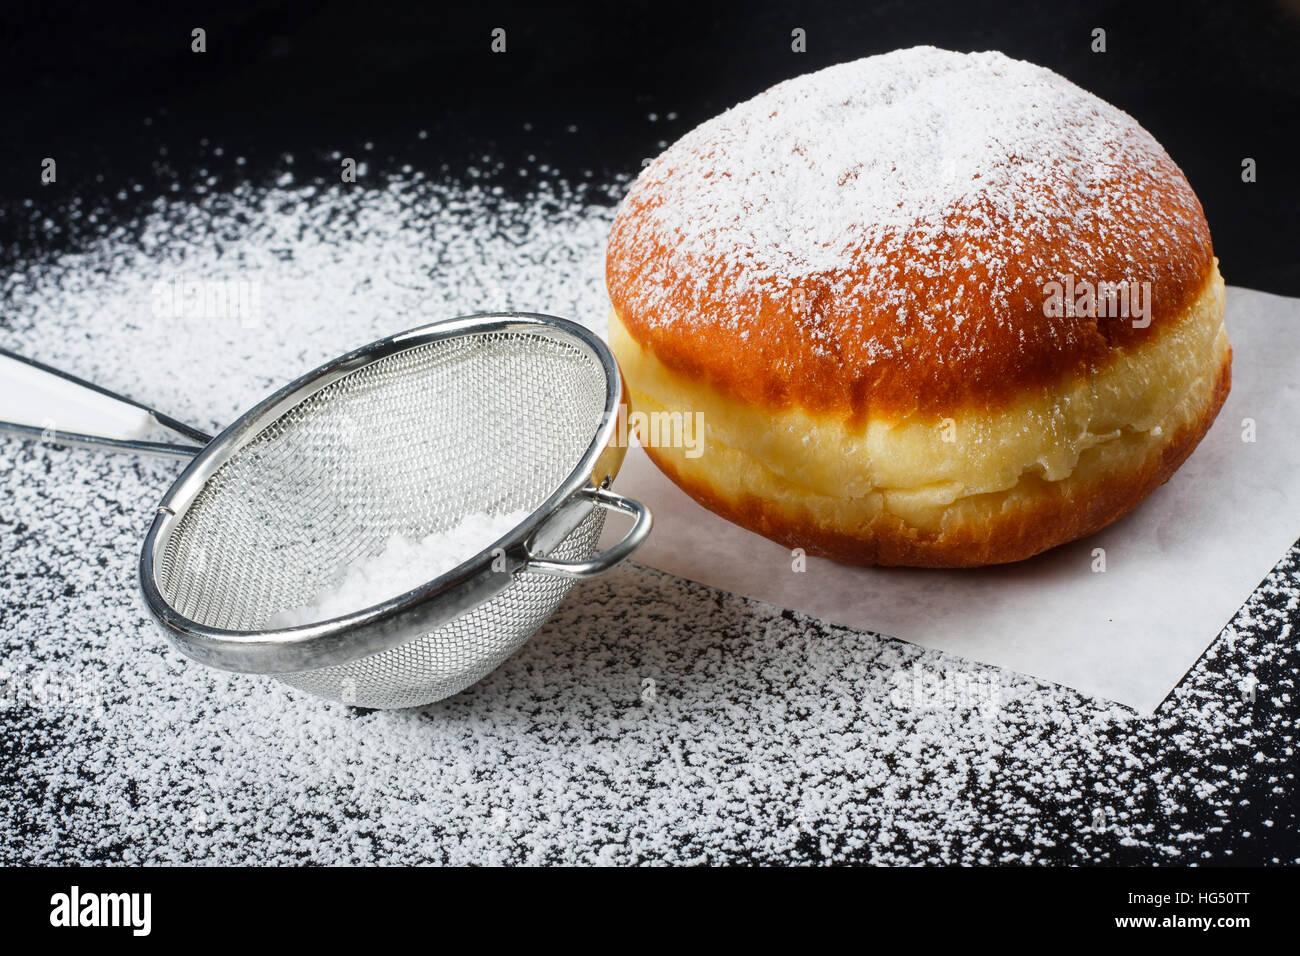 Donut et du sucre en poudre sur fond sombre Photo Stock